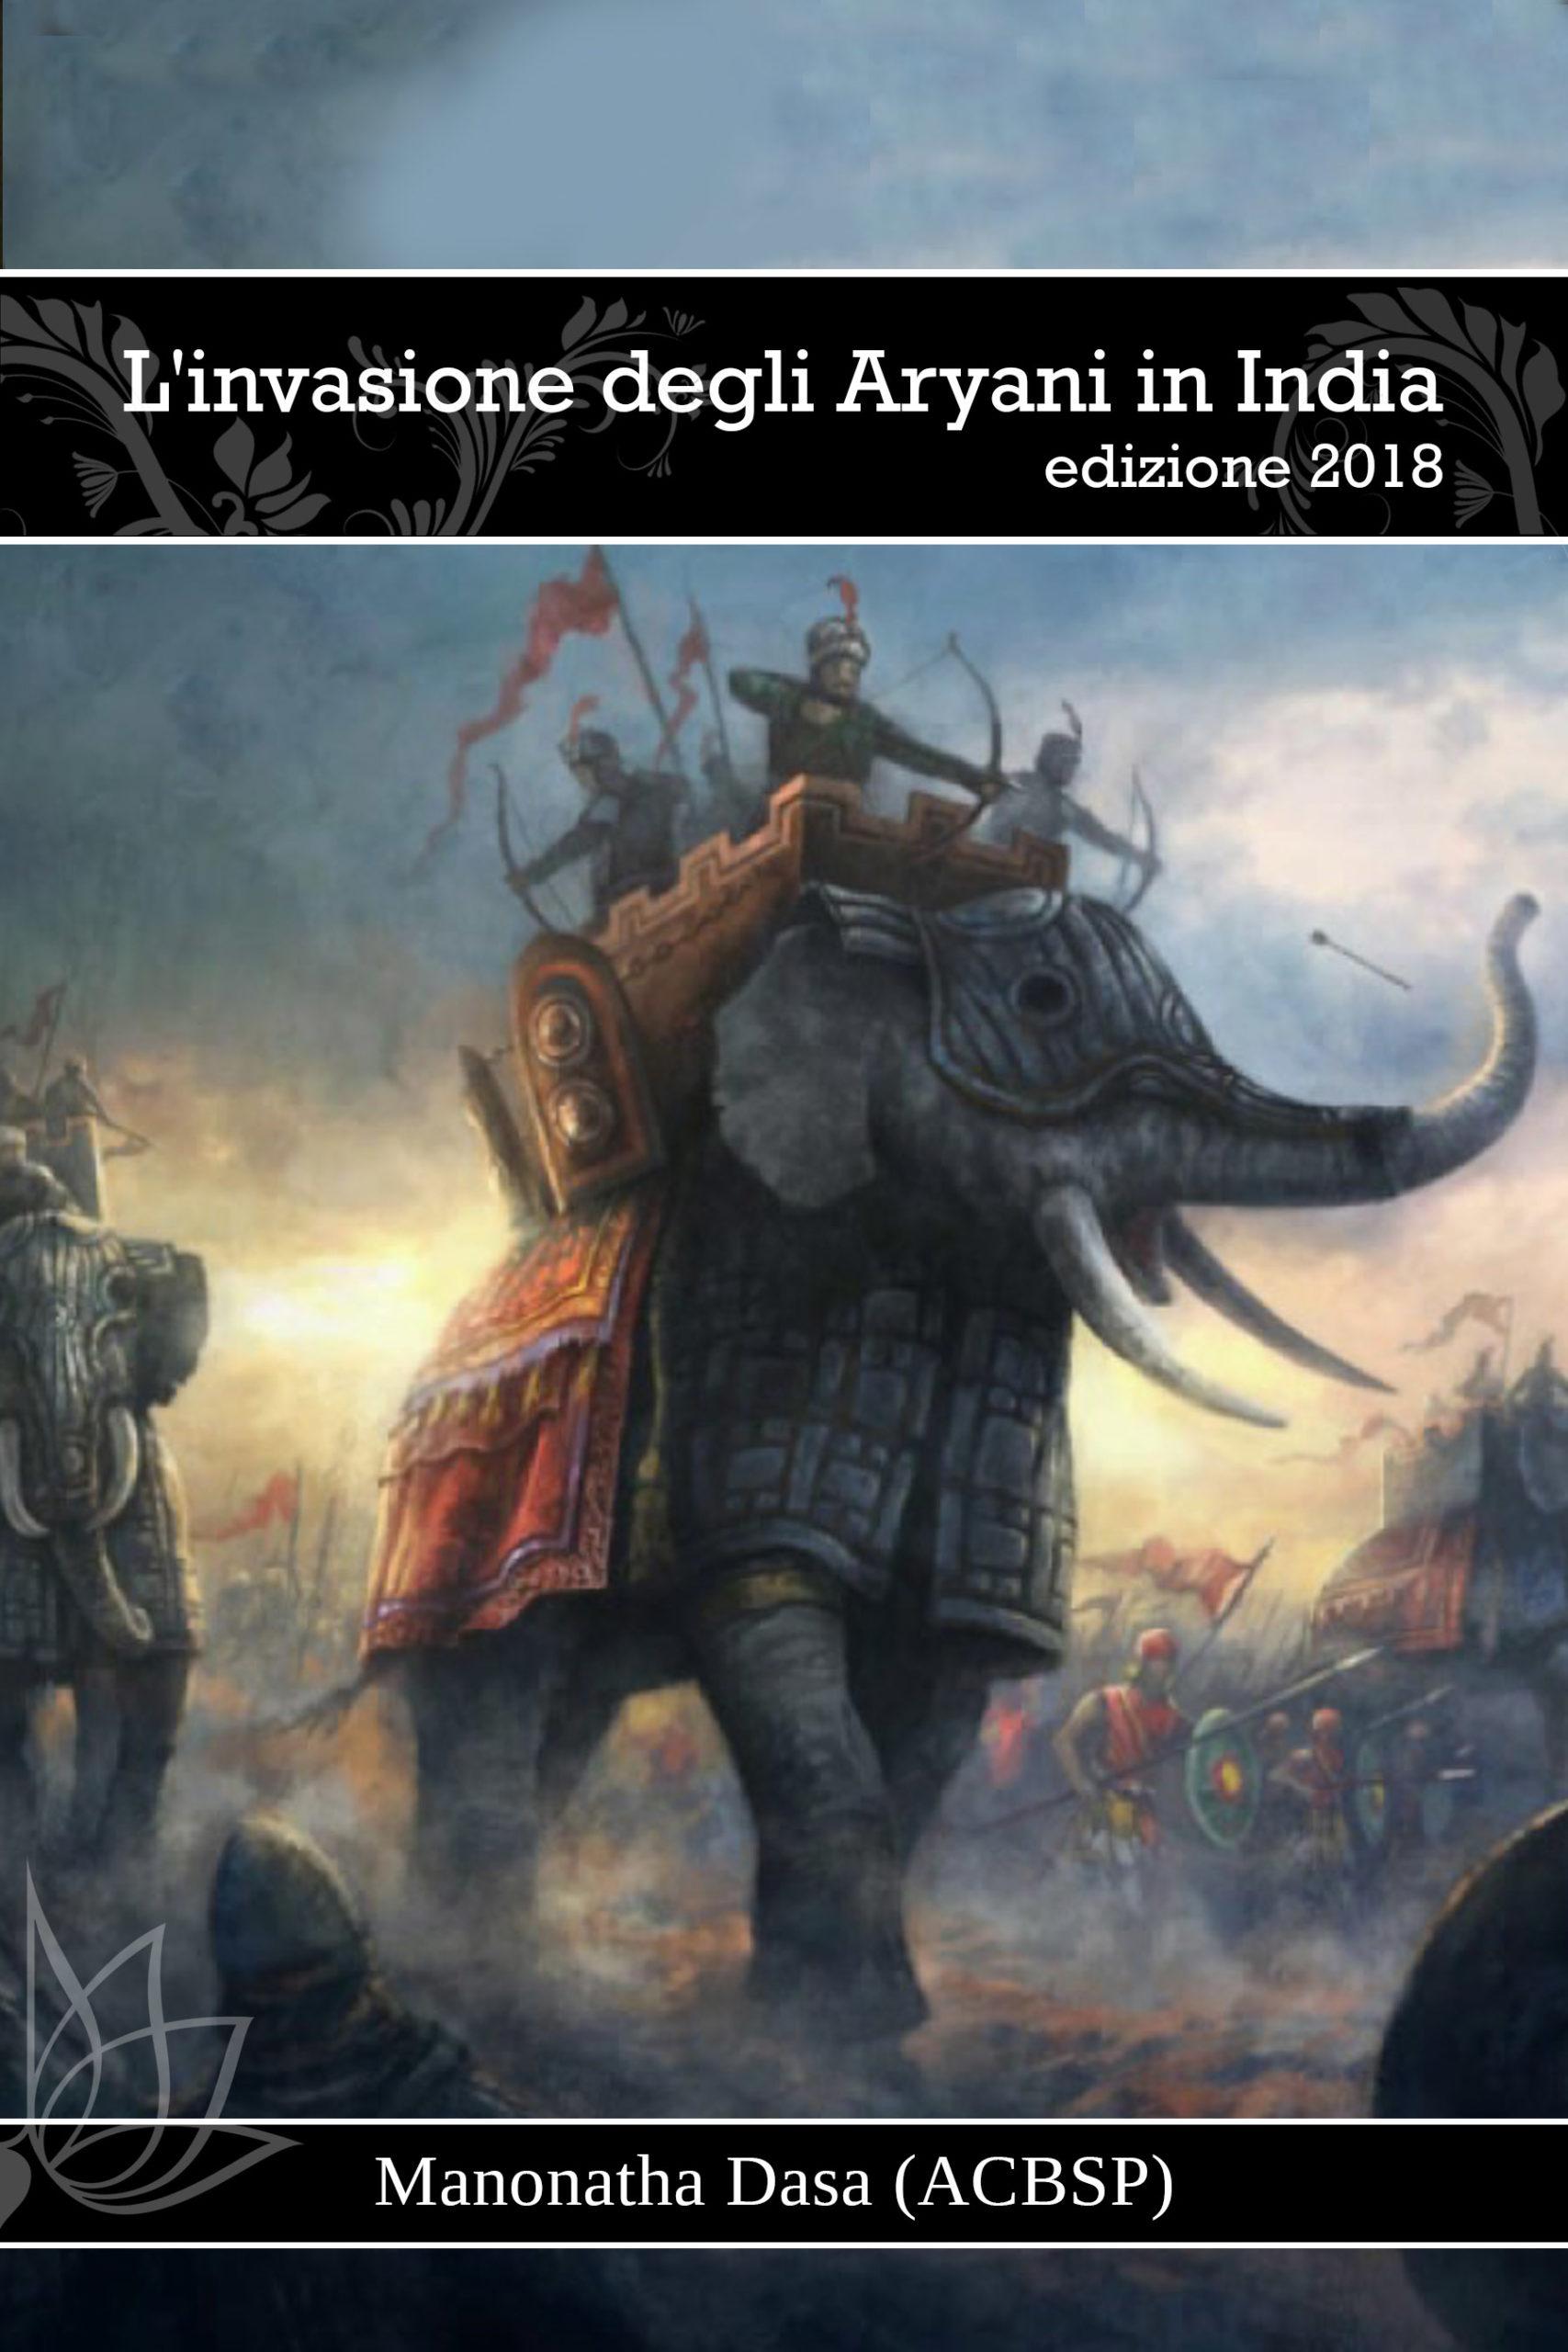 L'Invasione degli Aryani in India (Italiano)